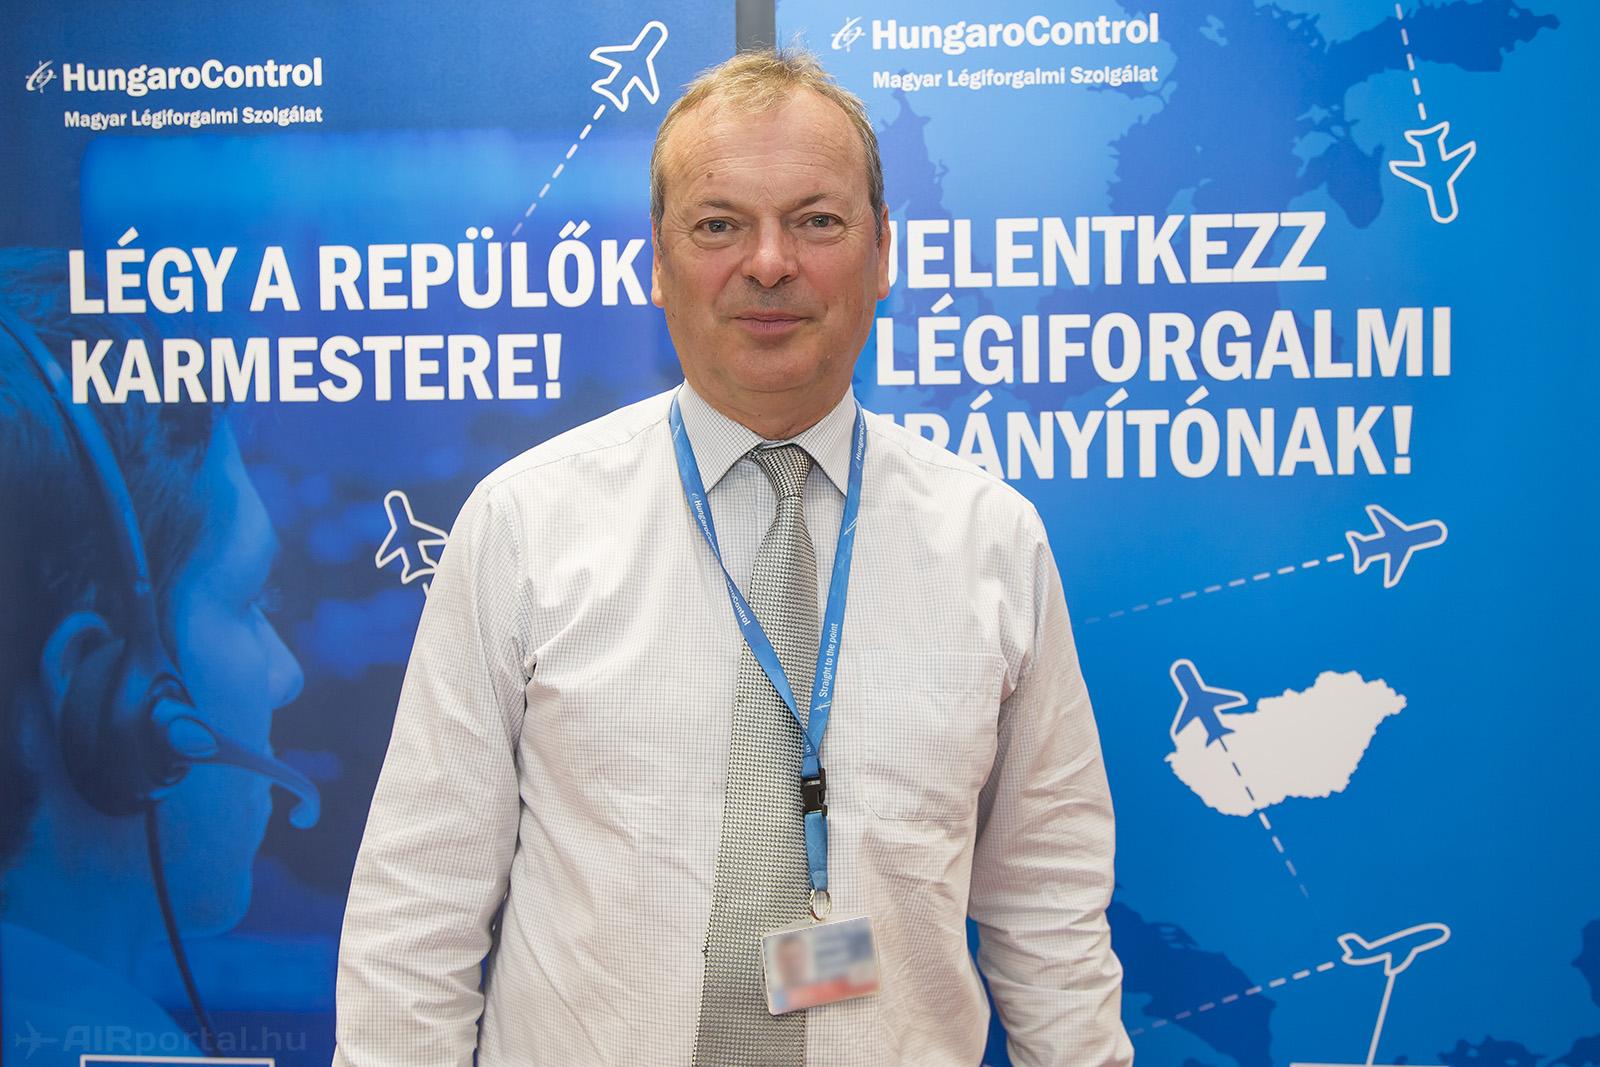 Bakos József, a HungaroControl légiforgalmi főosztályvezetője. (Fotó: AIRportal.hu) | © AIRportal.hu